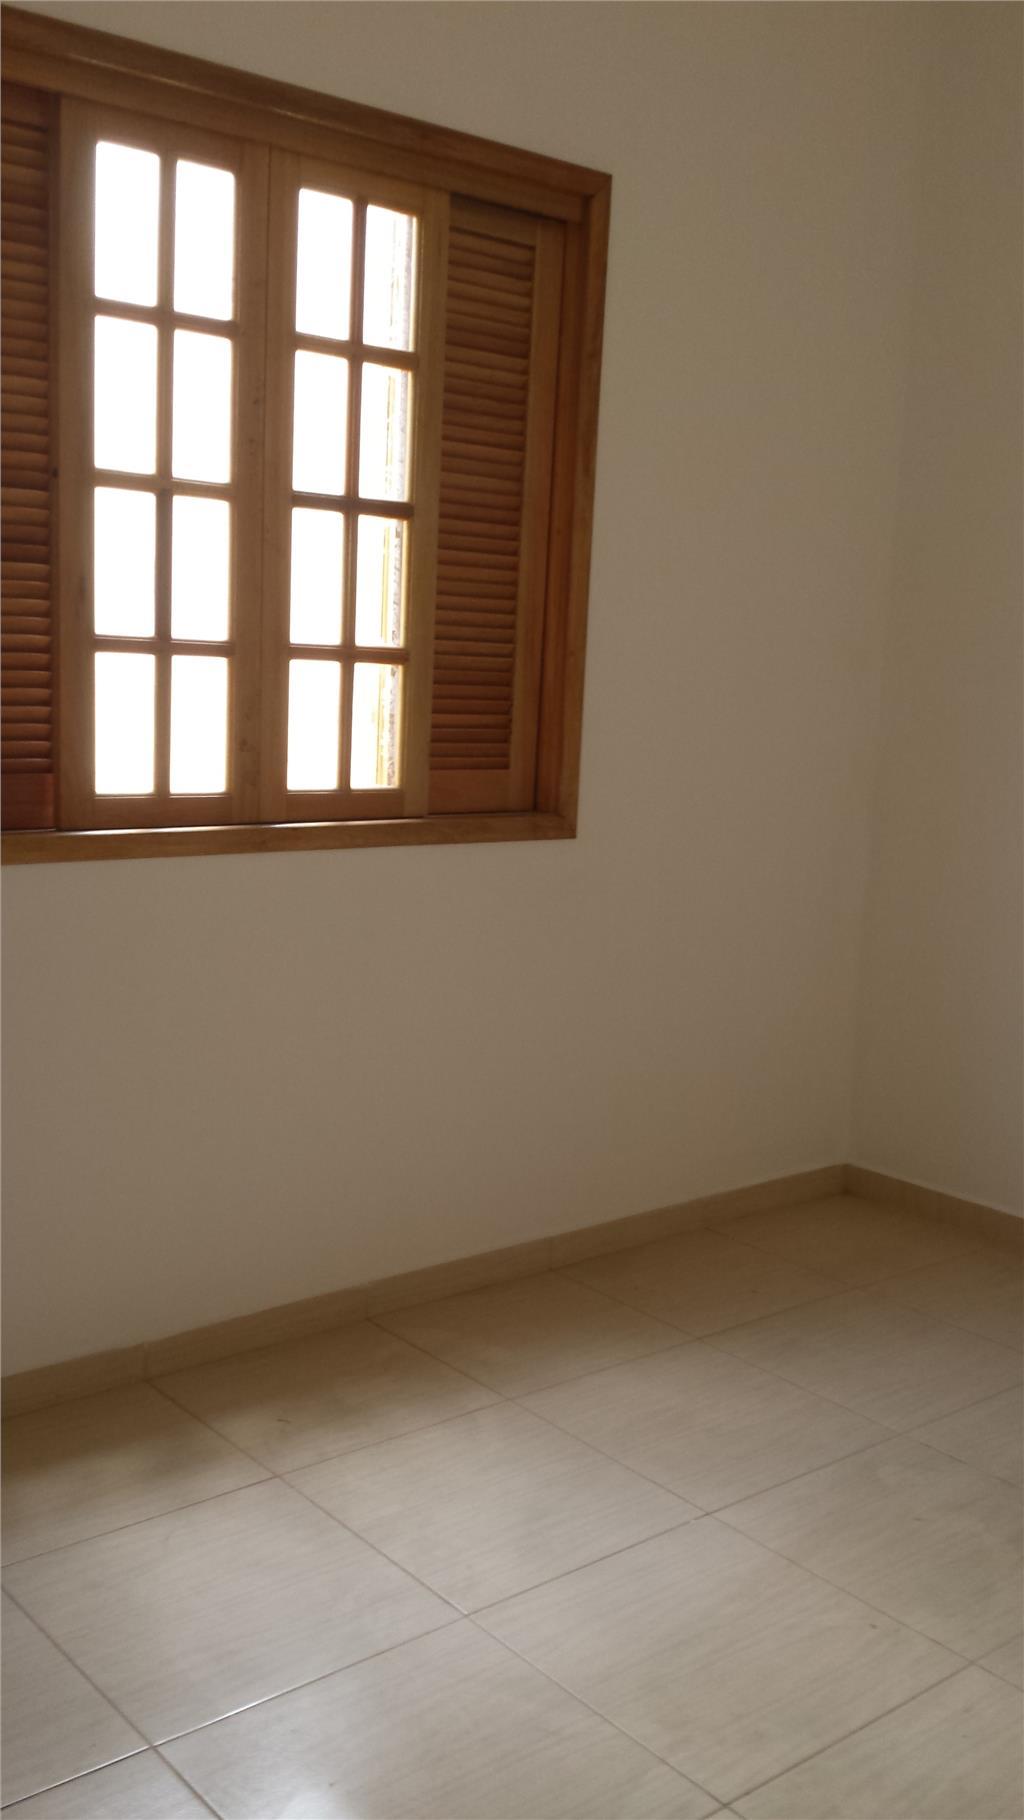 Casa 2 Dorm, Jardim Maria Dirce, Guarulhos (CA0504) - Foto 7